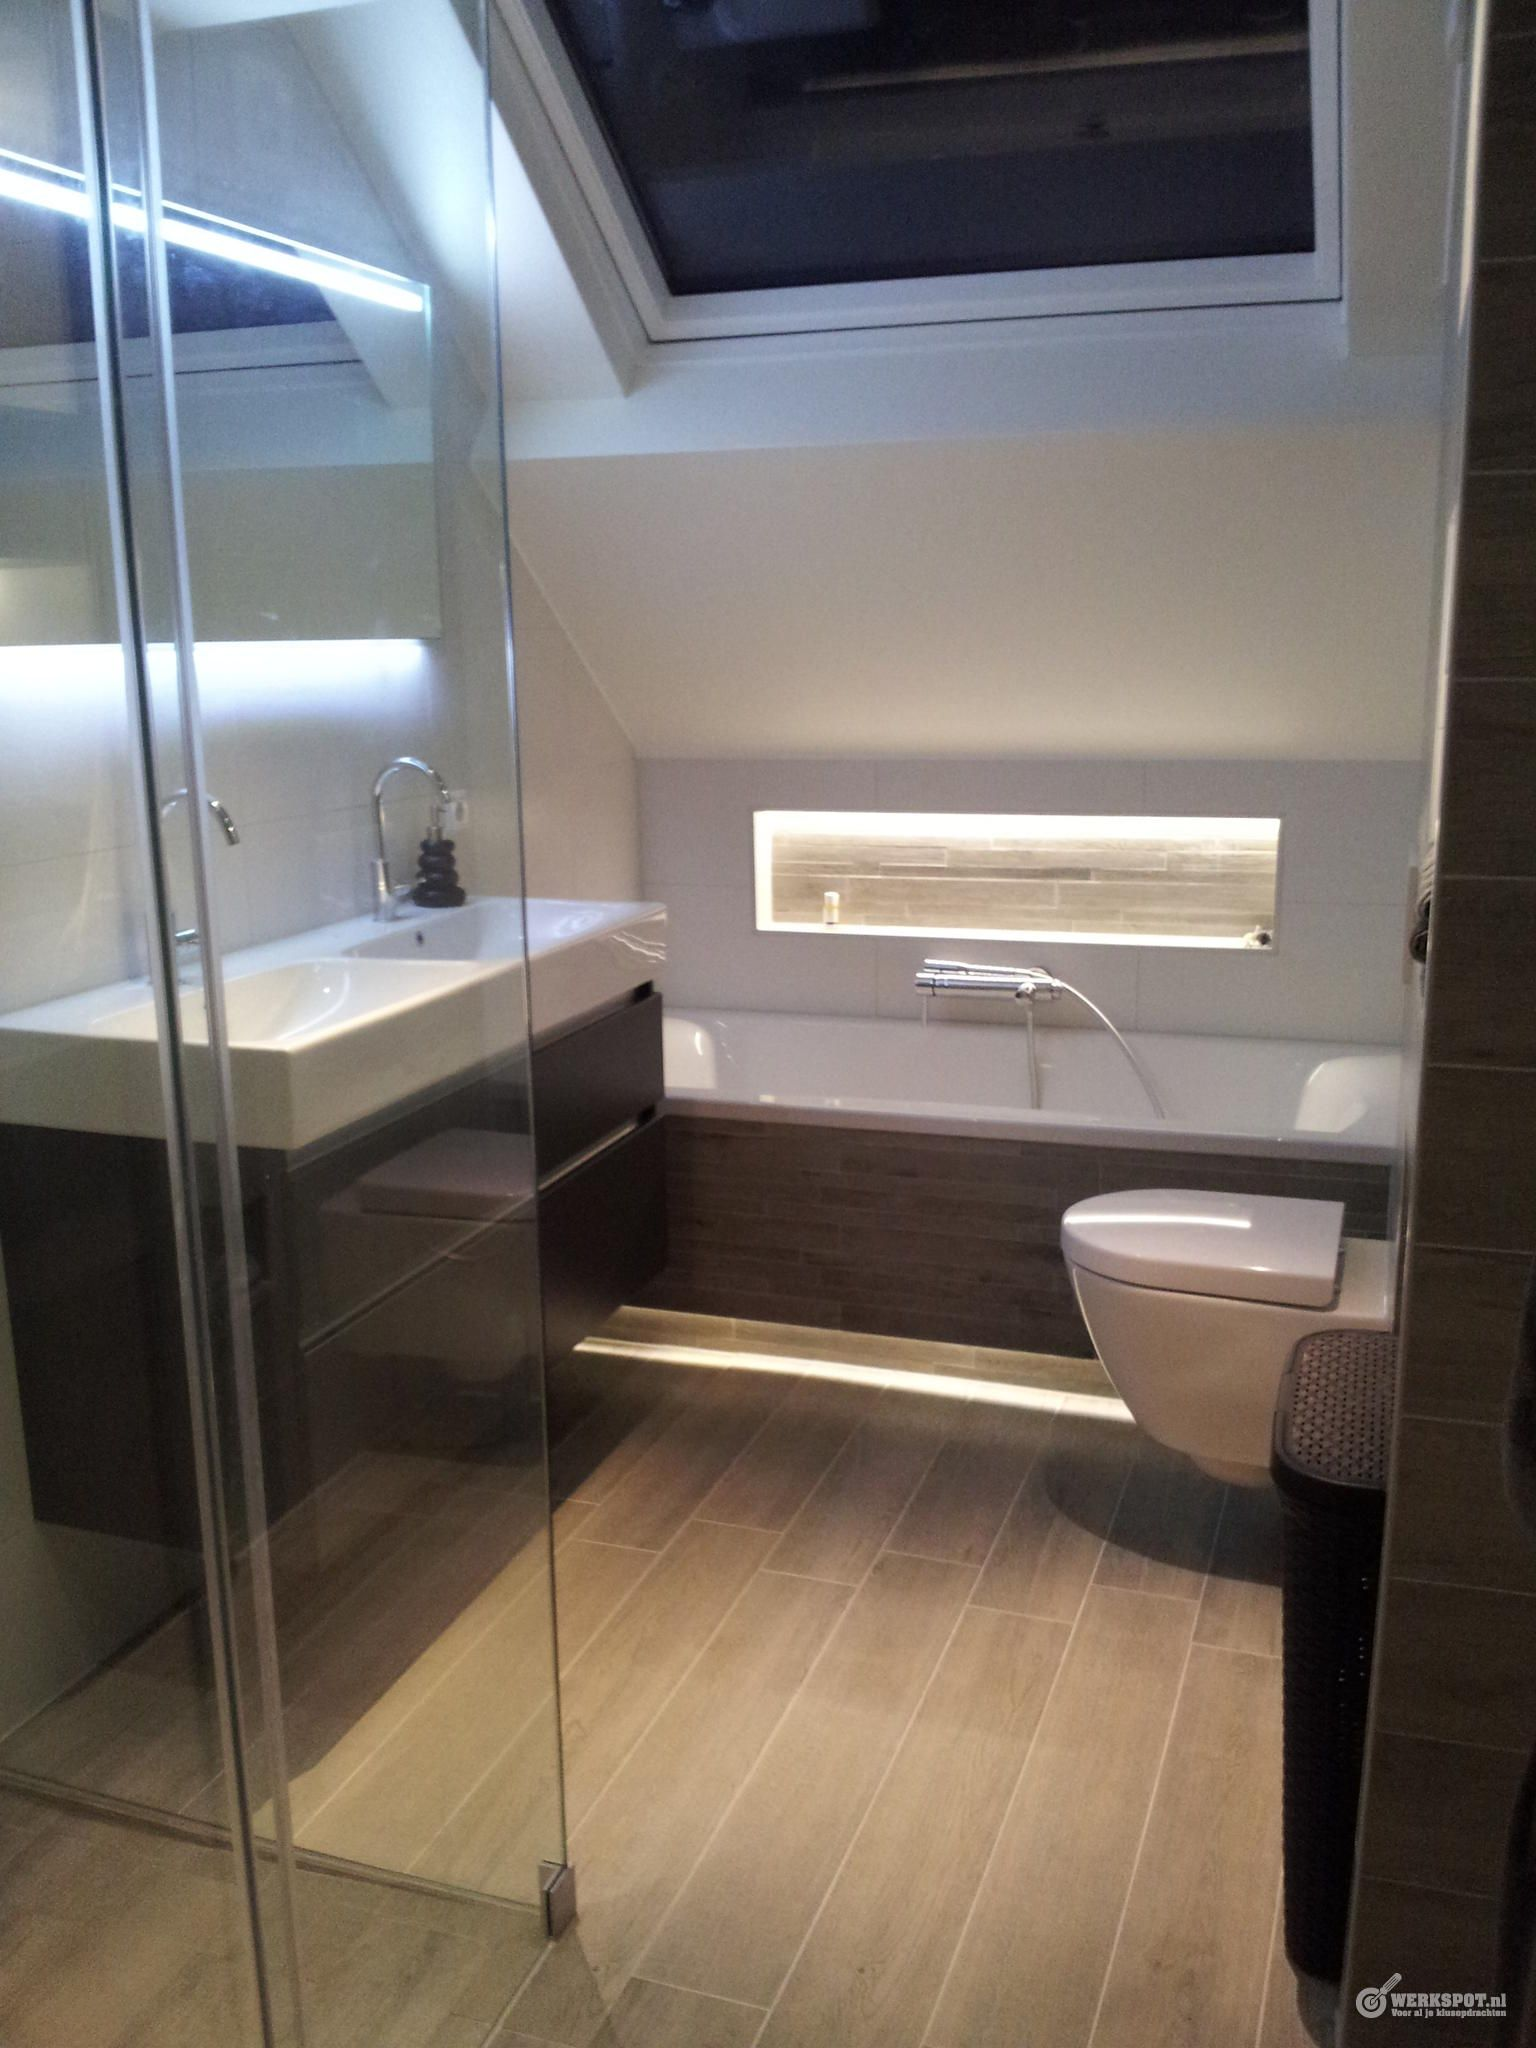 badkamer met schuine wanden - Google zoeken | verbouwing II | Pinterest